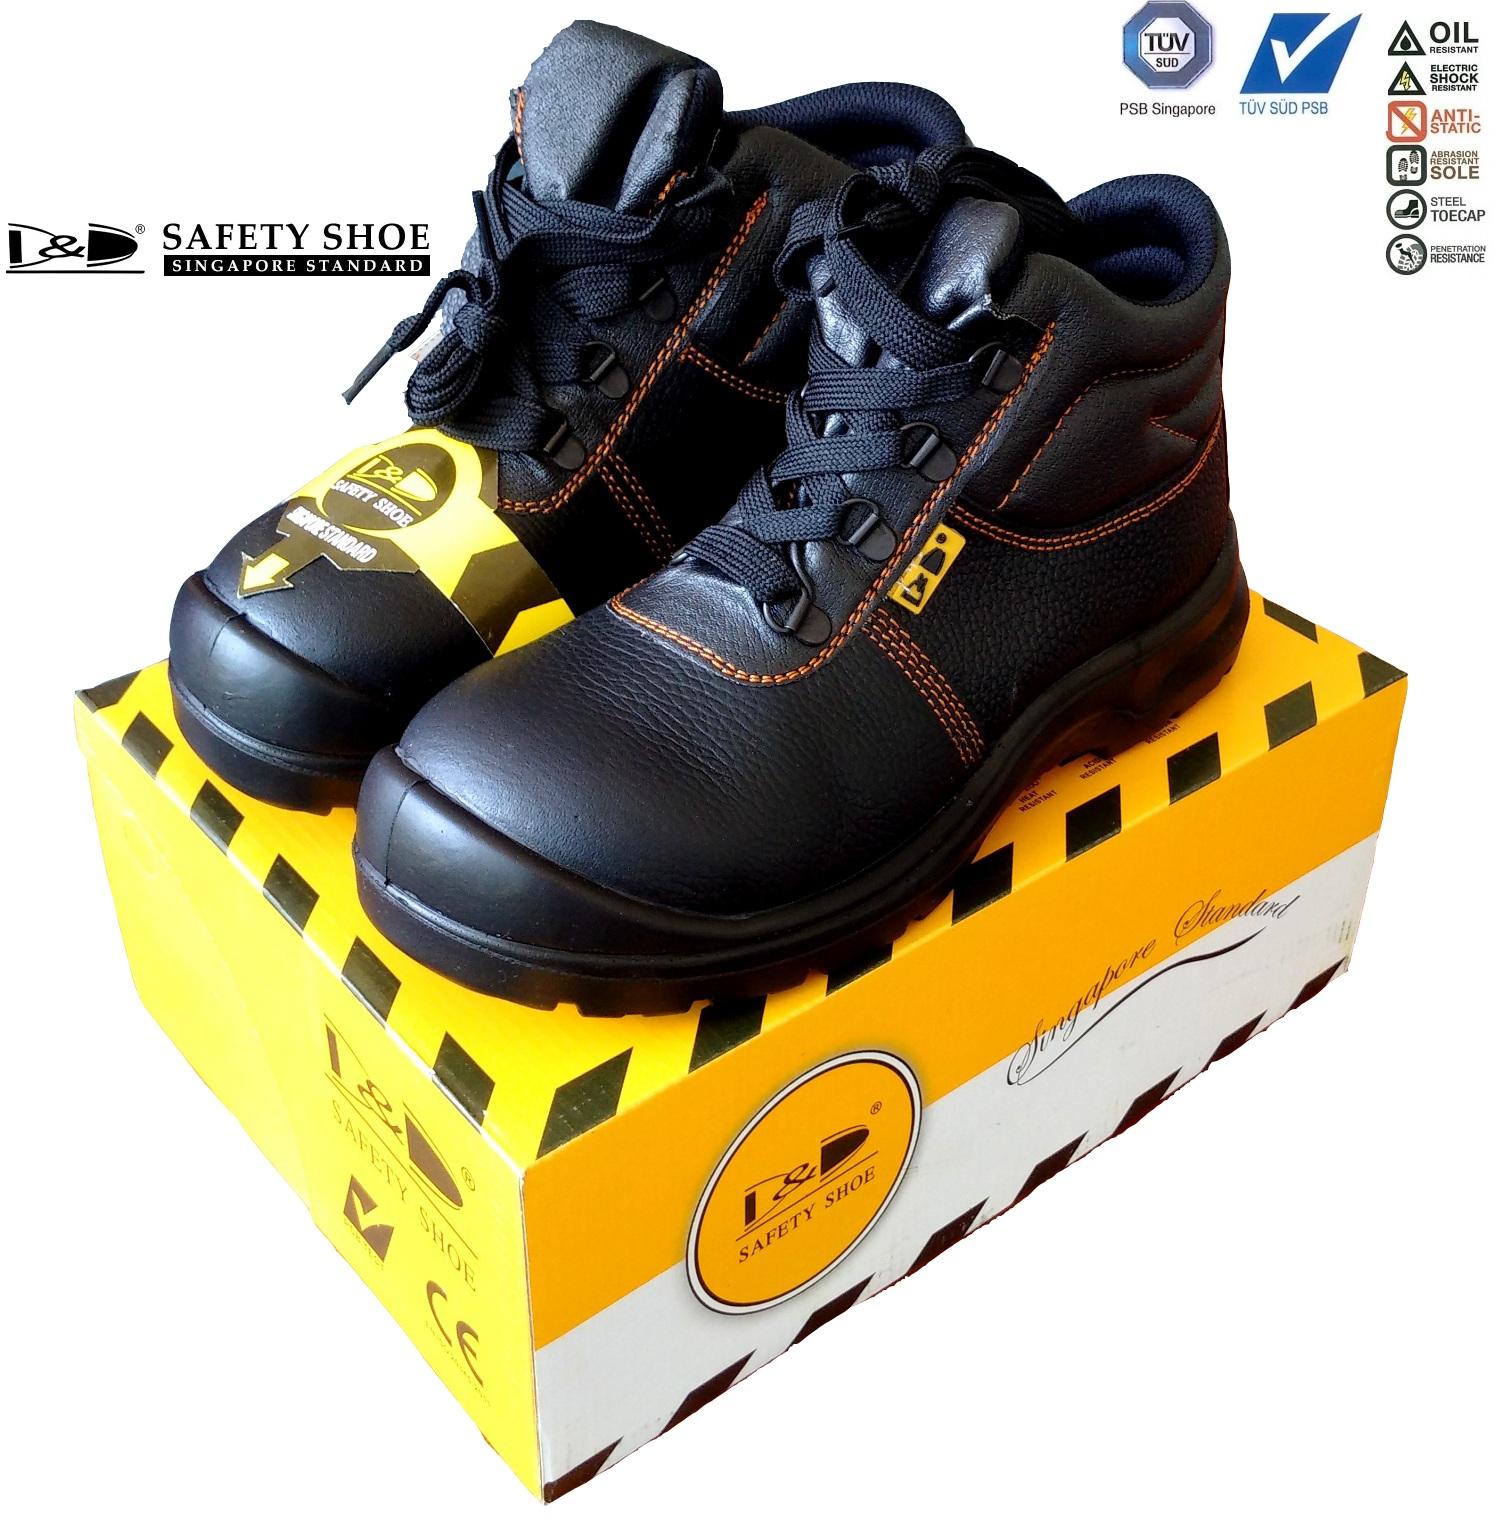 giày bảo hộ lao động D&D - 03818